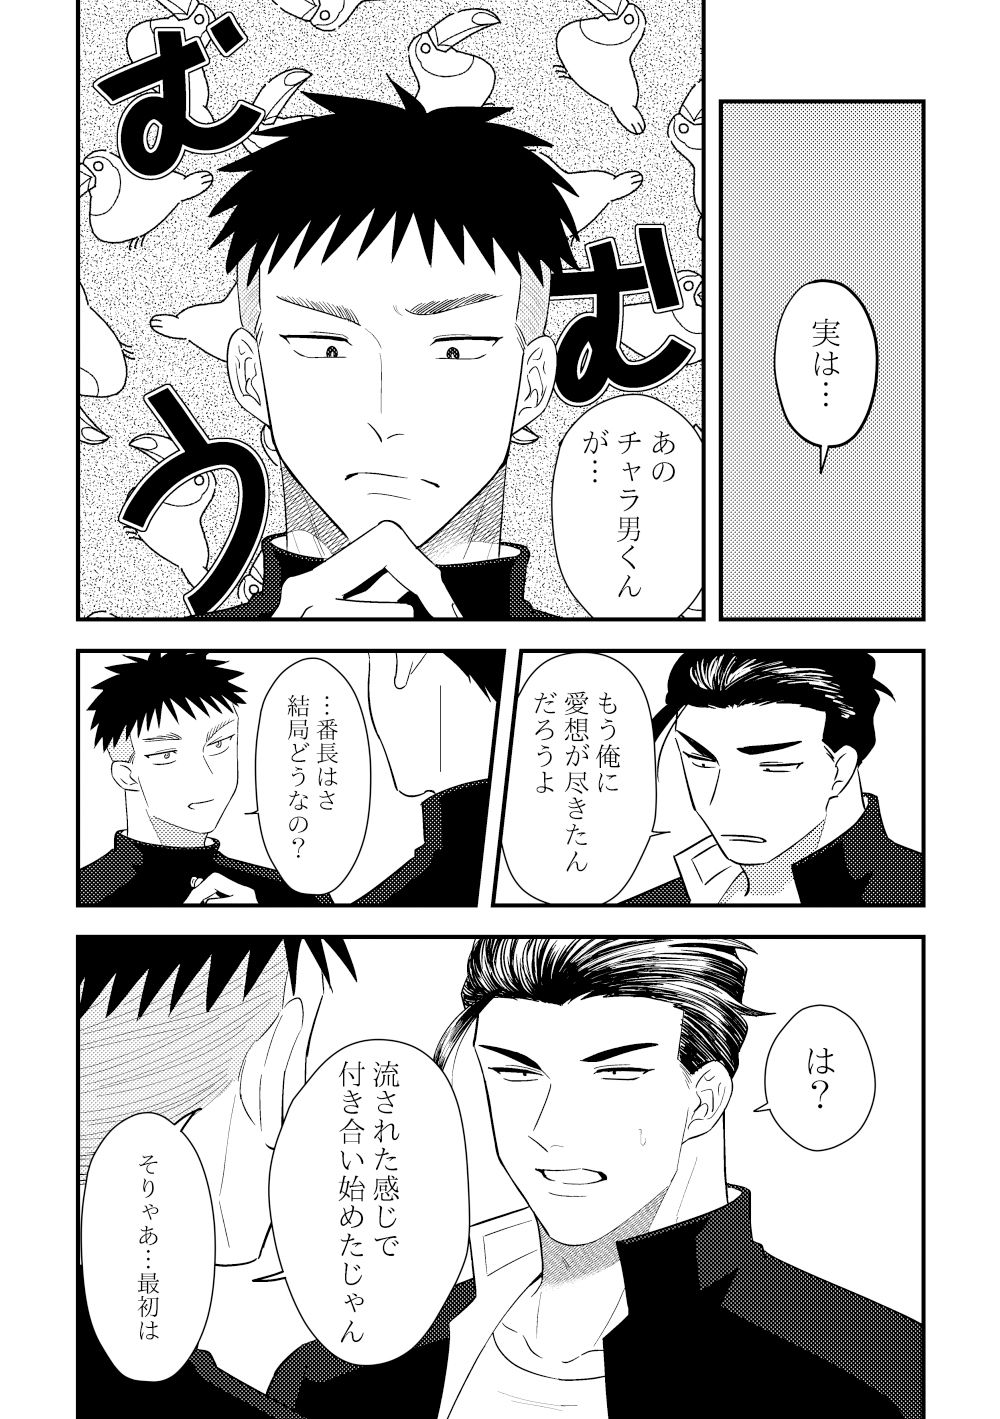 サンプル画像1:チャラ男と番長〜幸せになろうぜ編〜(豪放磊落) [d_188205]